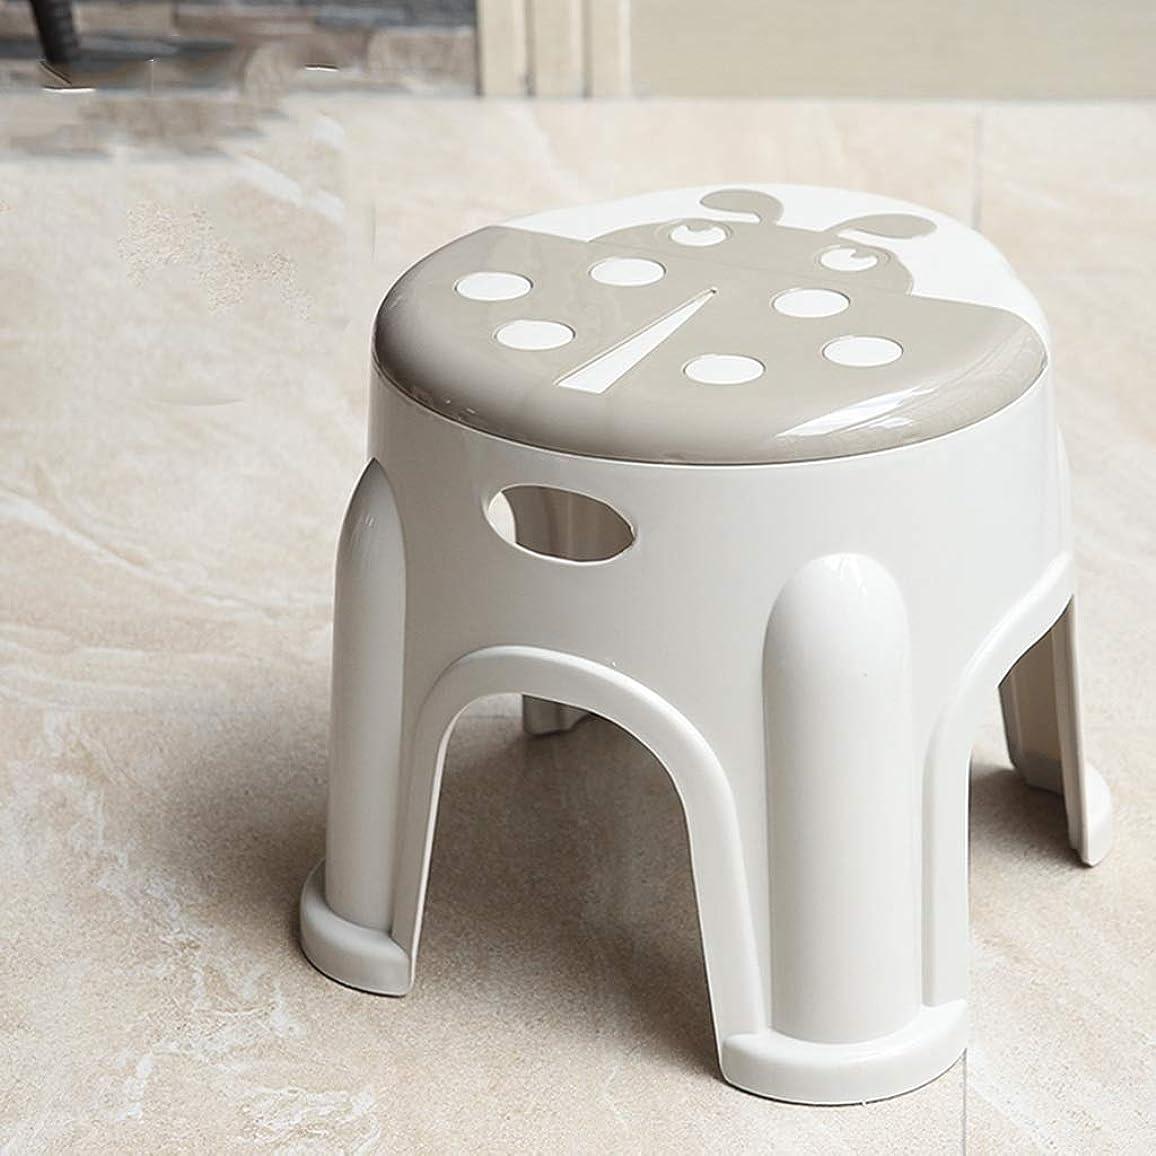 好意ねじれ打倒XJLXX 家庭用厚手のプラスチックの靴のベンチの子供漫画の小さなスツールのリビングルームのダイニングテーブルのスツール ソファースツール (Color : Brown)